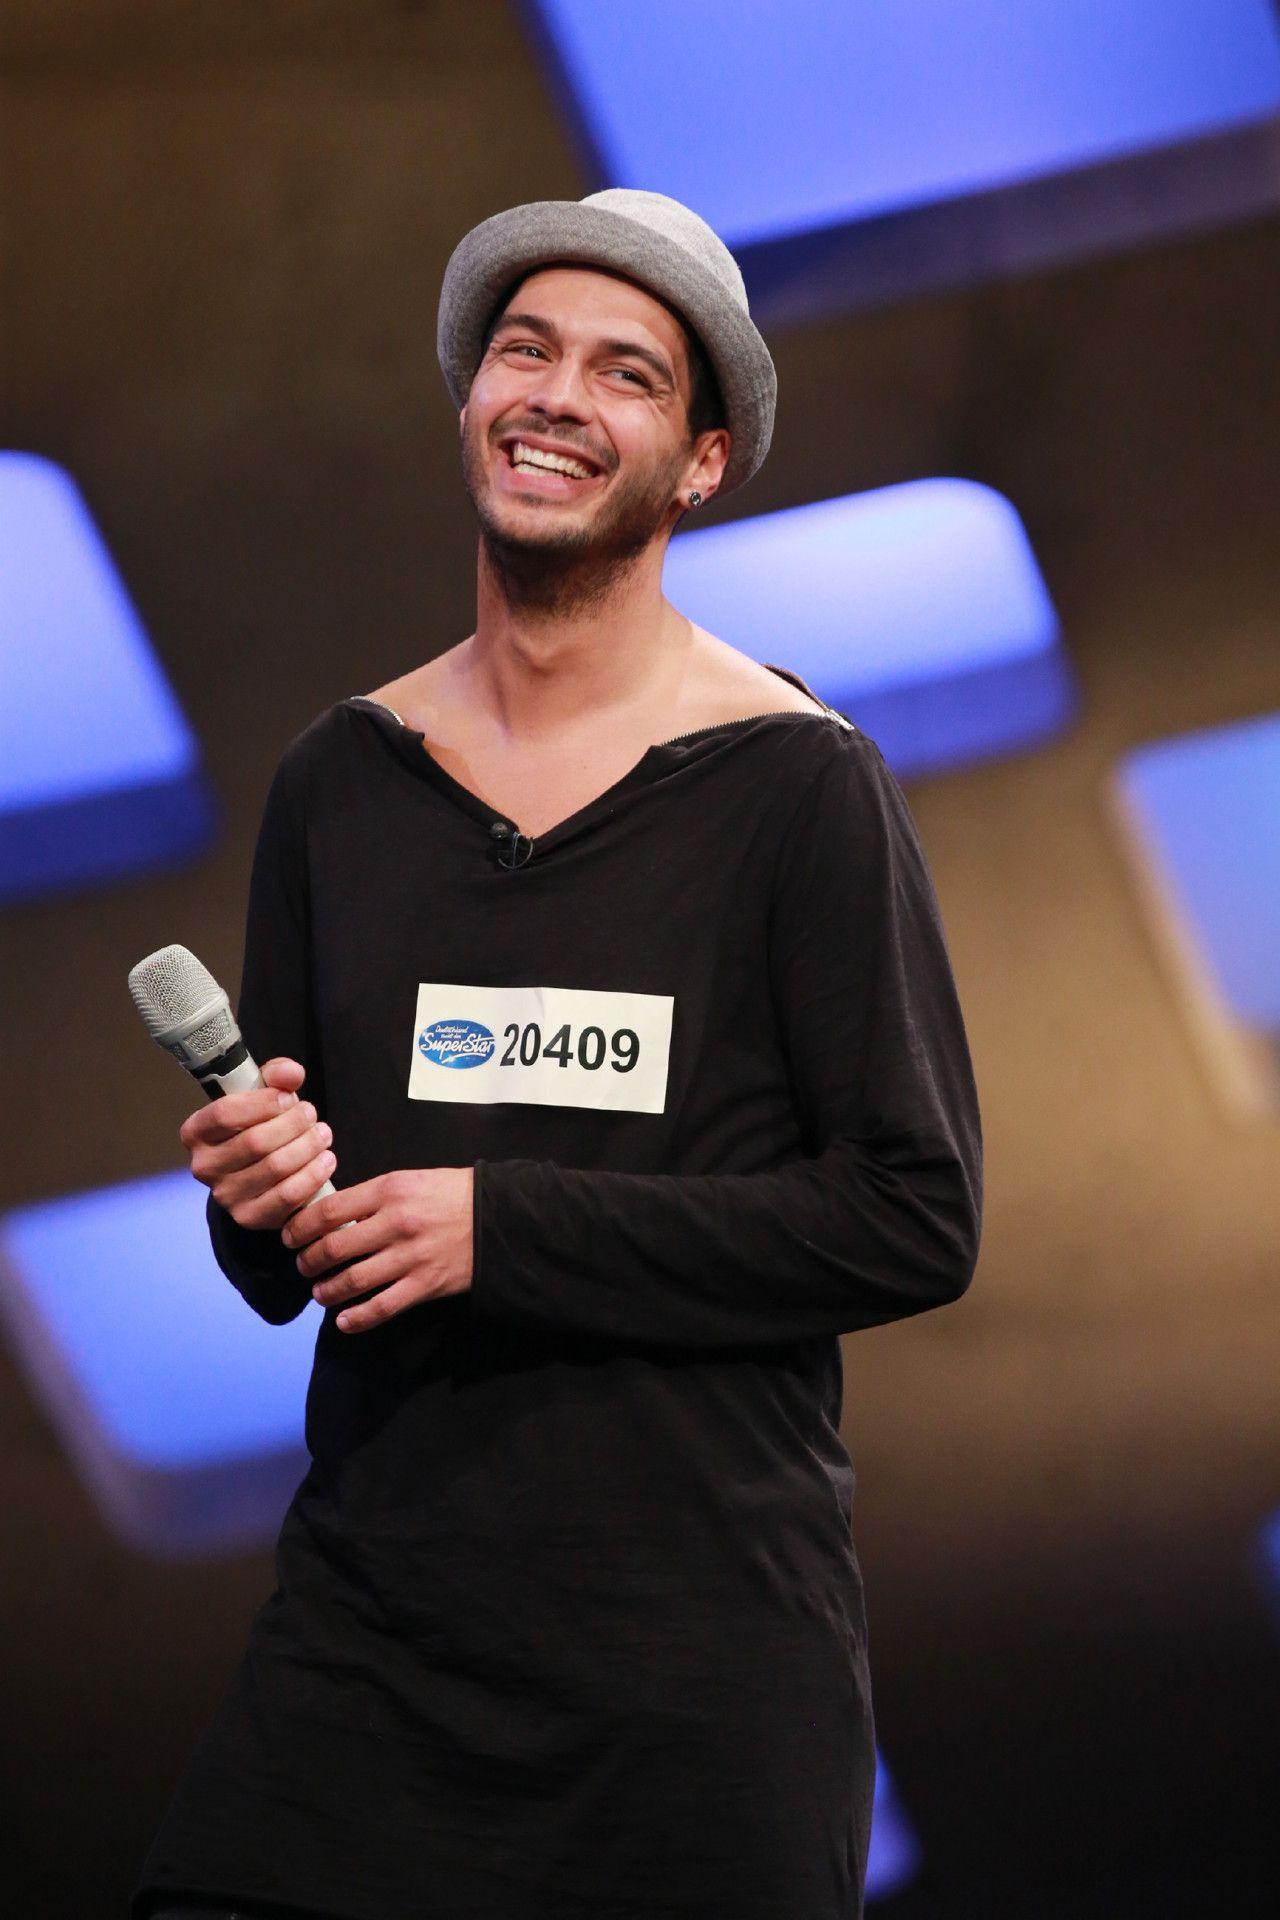 Aytug Gün stammt aus Mannheim und ist staatlich anerkannter Erzieher.